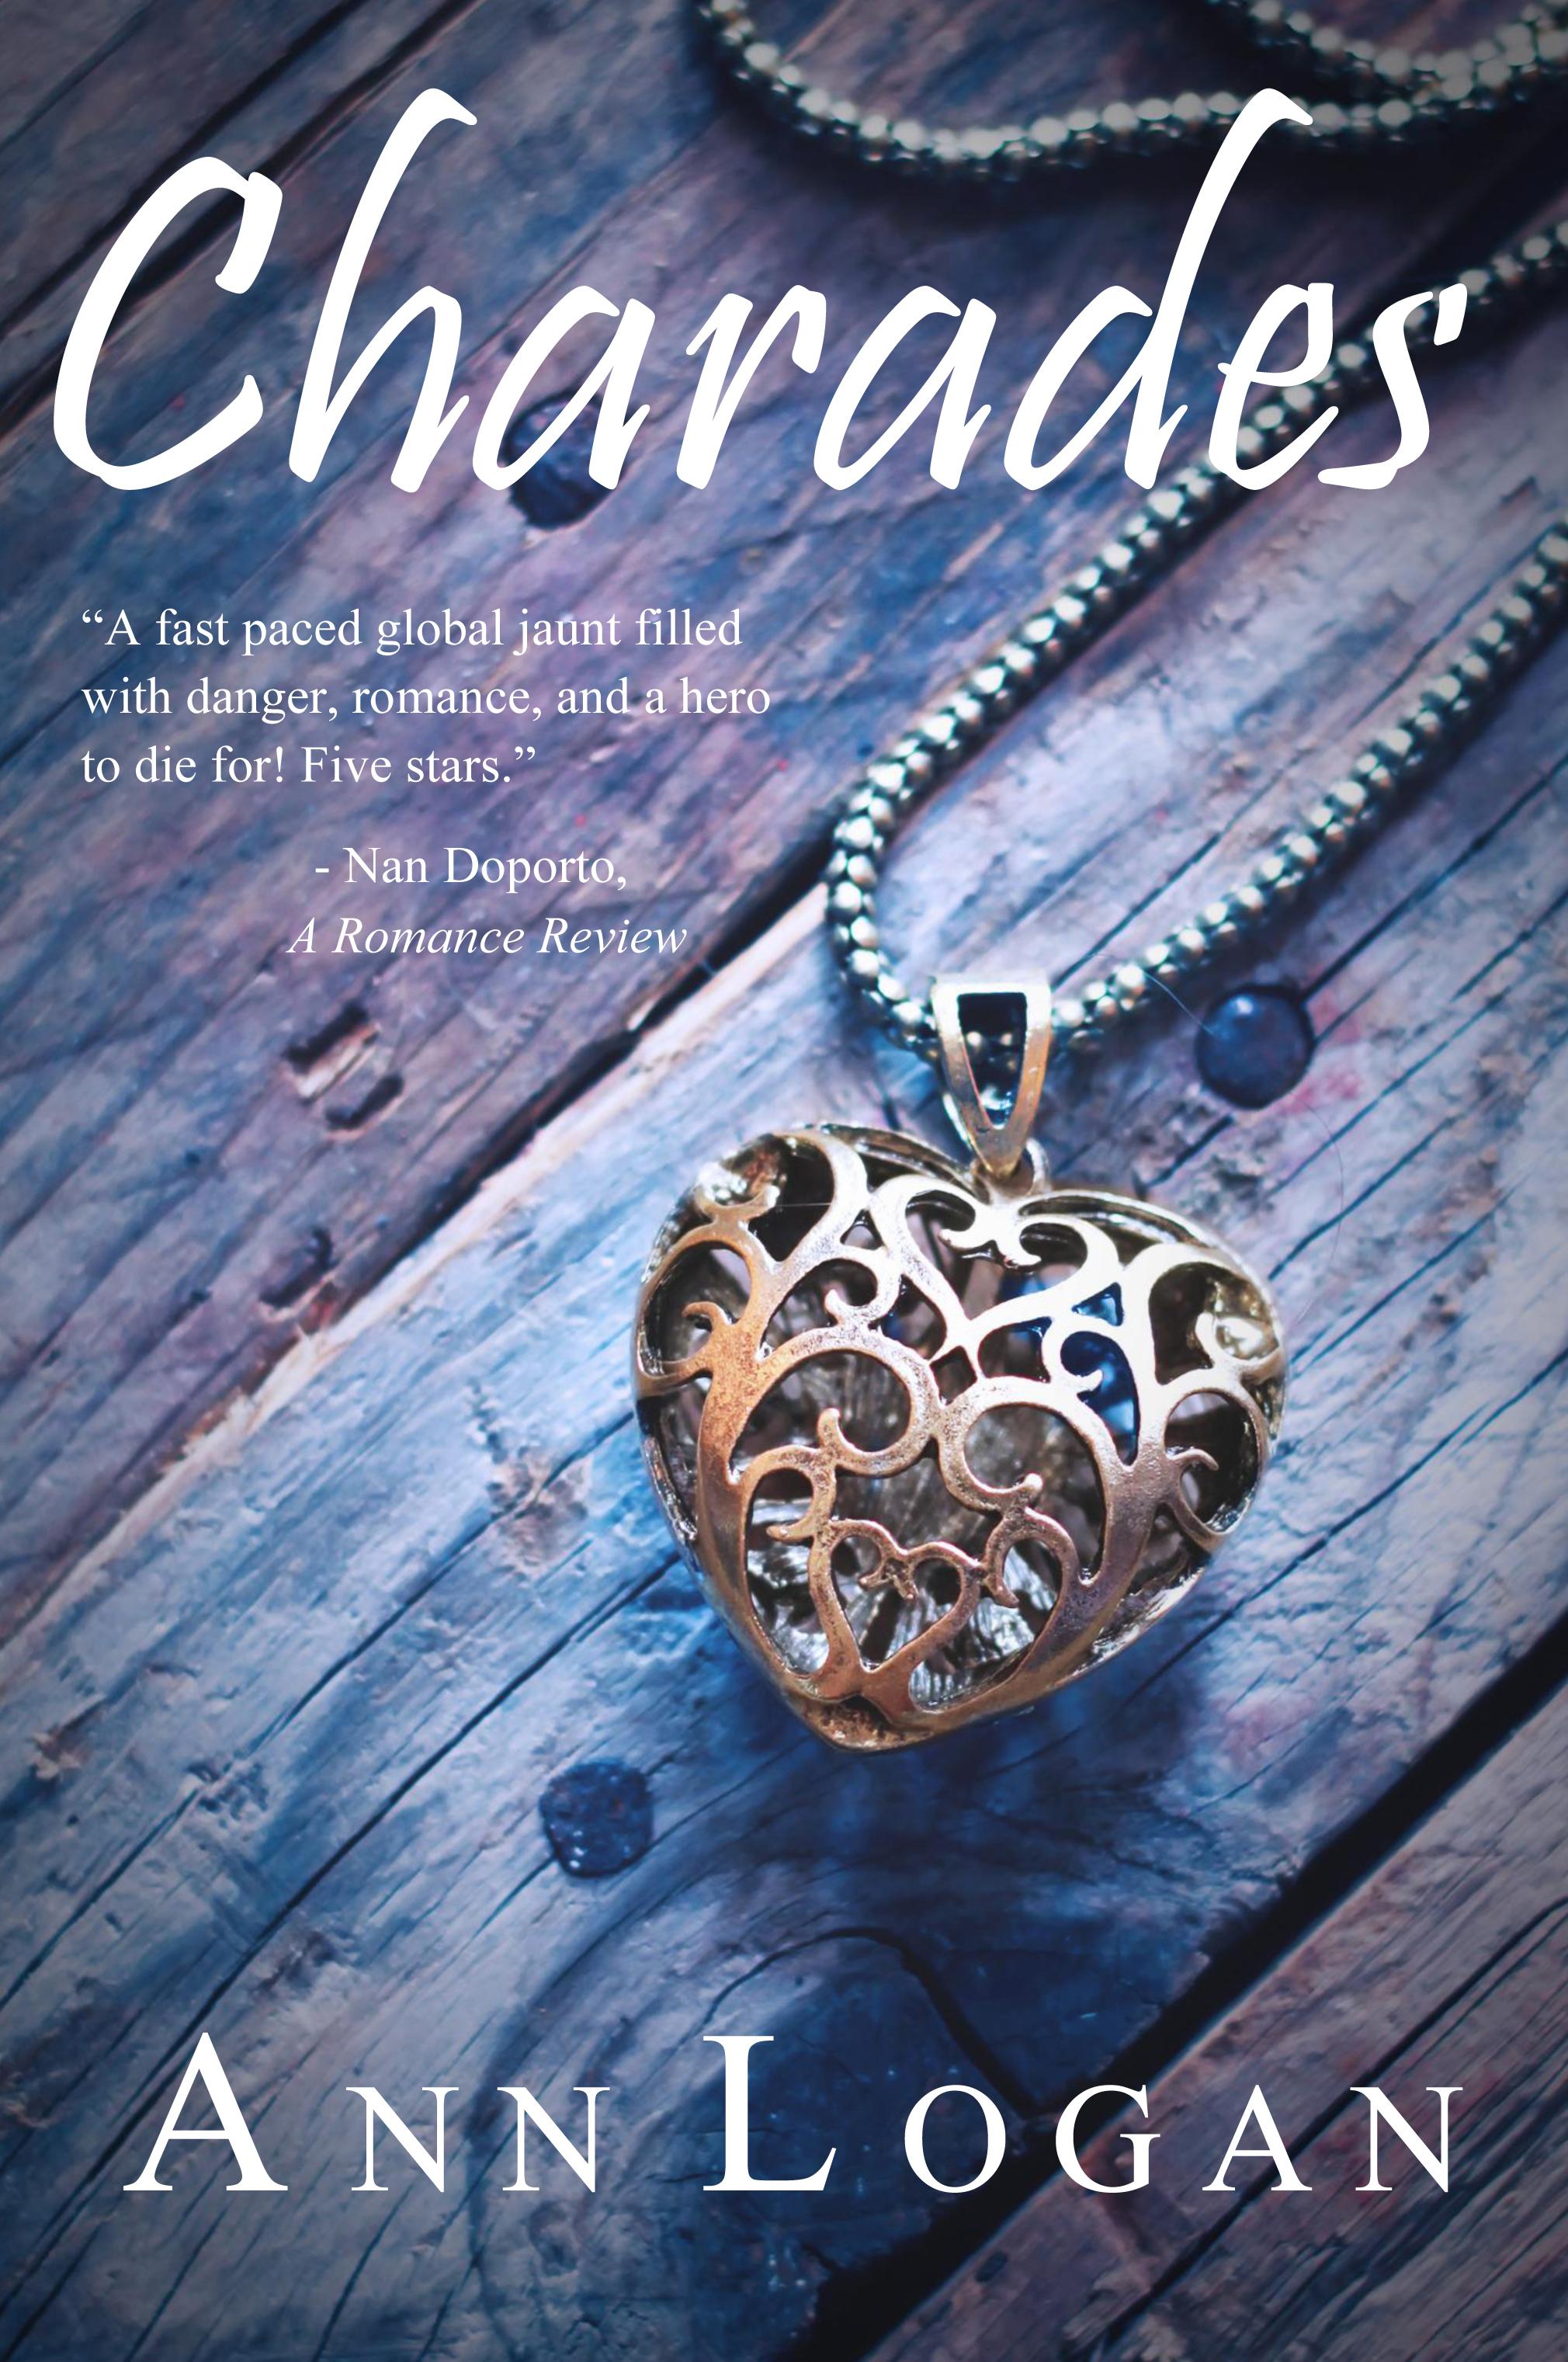 'Charades' by Ann Logan